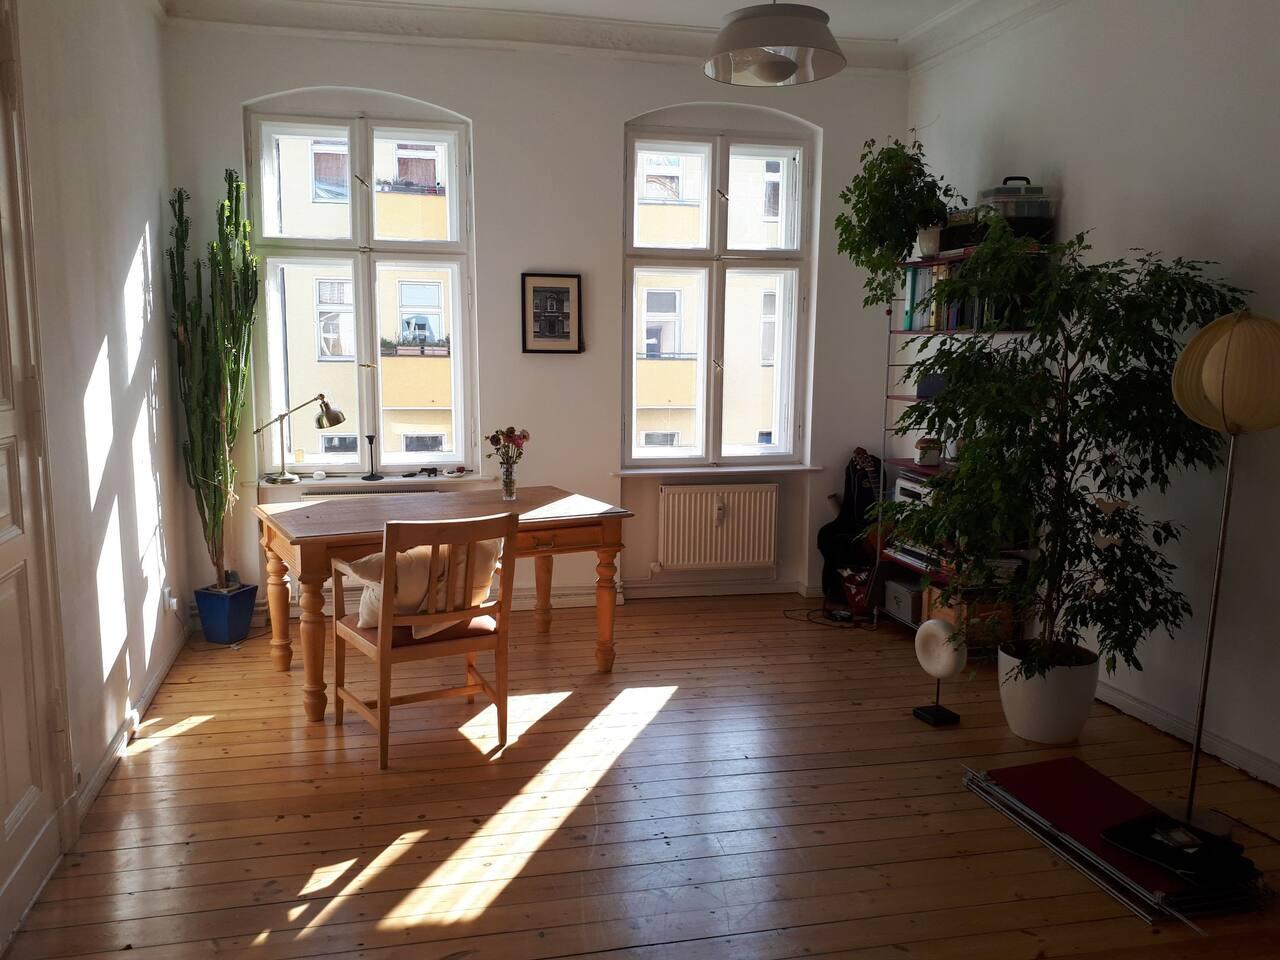 Wohnzimmer mit großzügigem Arbeitstisch